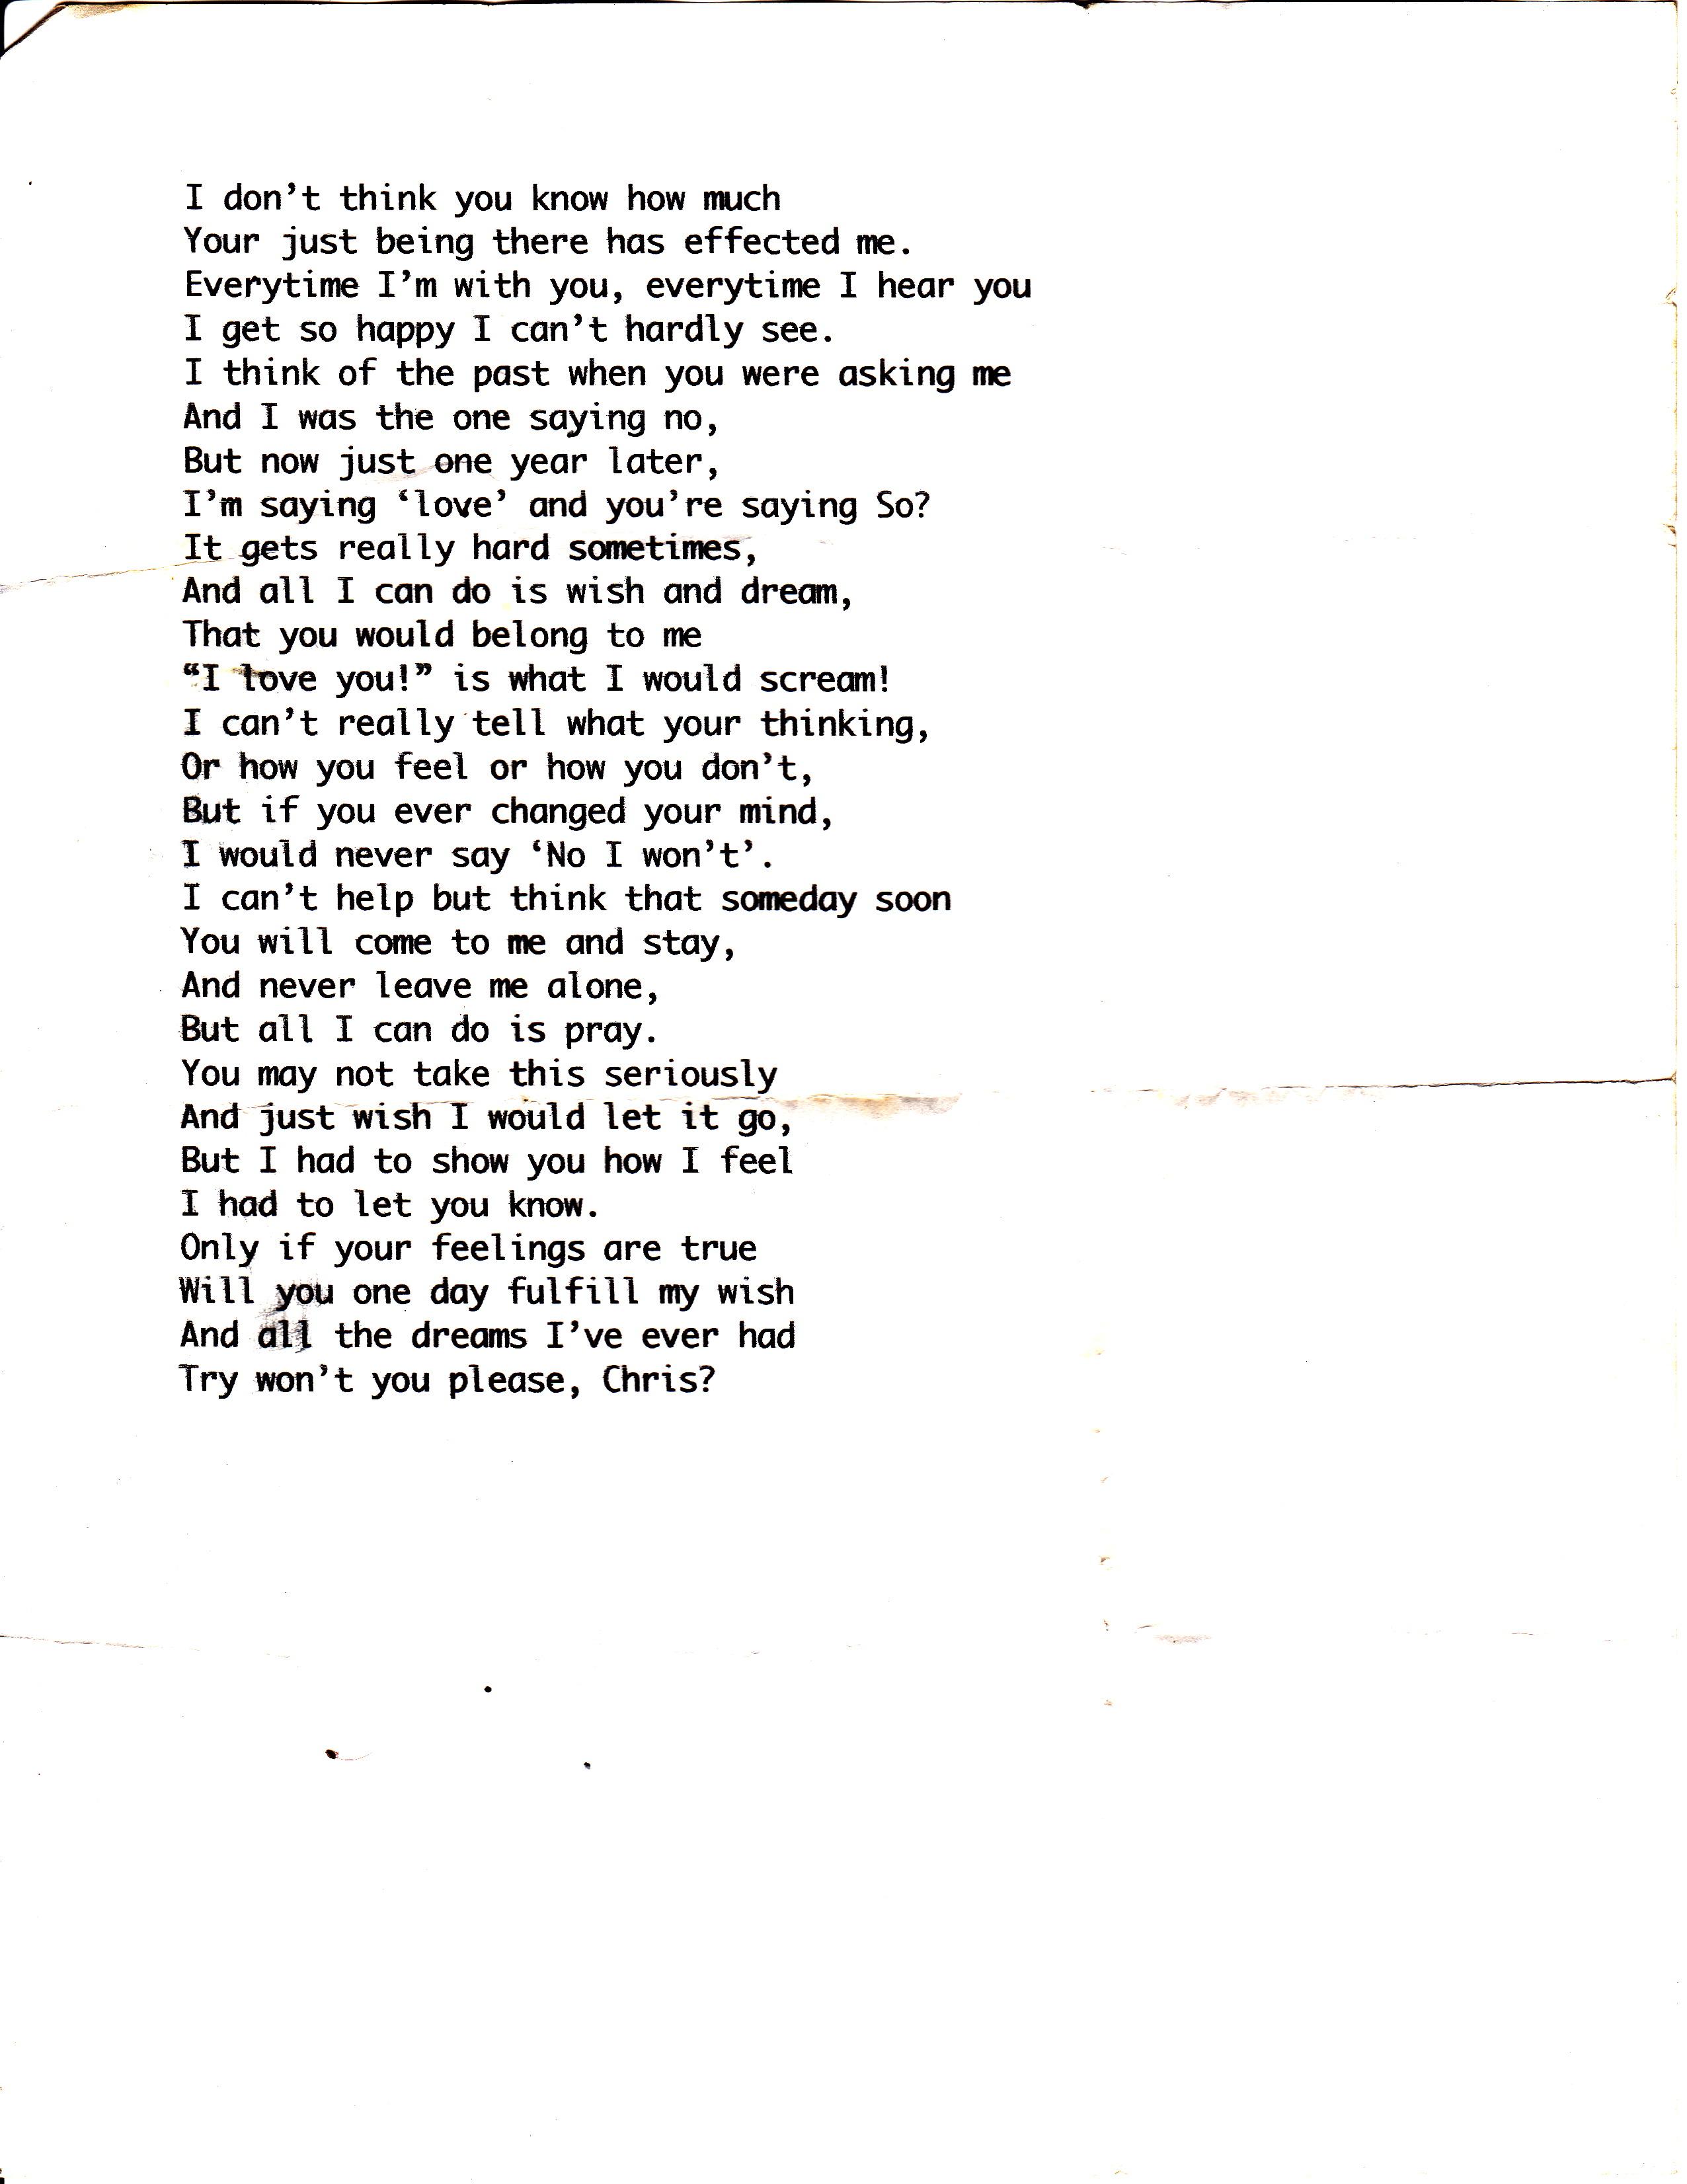 True feelings poems